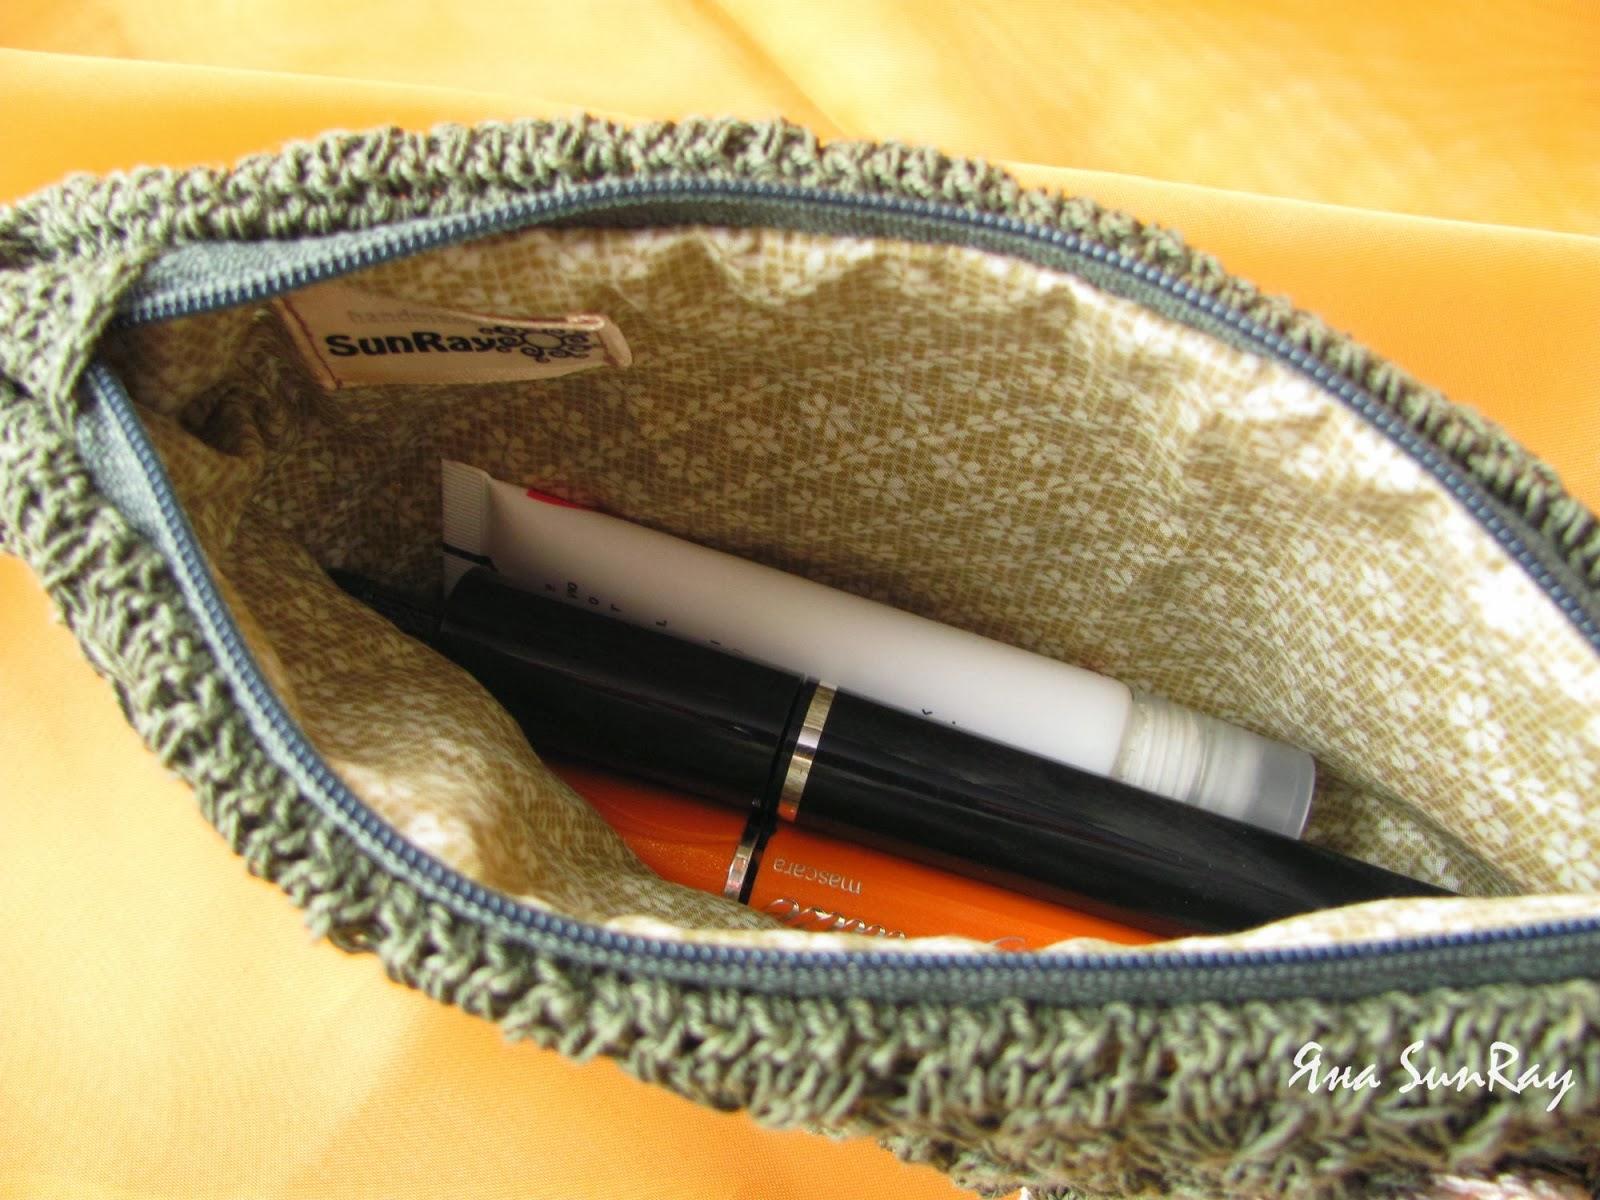 сумка, косметичка, вязаная косметичка, сумочка, сумка ручной работы, недорогой подарок, подарок девушке, косметичка ручной работы, дорожная косметичка, женская косметичка купить, хранение мелочей, подарок на каждый день, красивая косметичка, новогодний подарок,  косметичка крючком, красивая косметика крючком, вязаная косметичка, универсальная косметичка